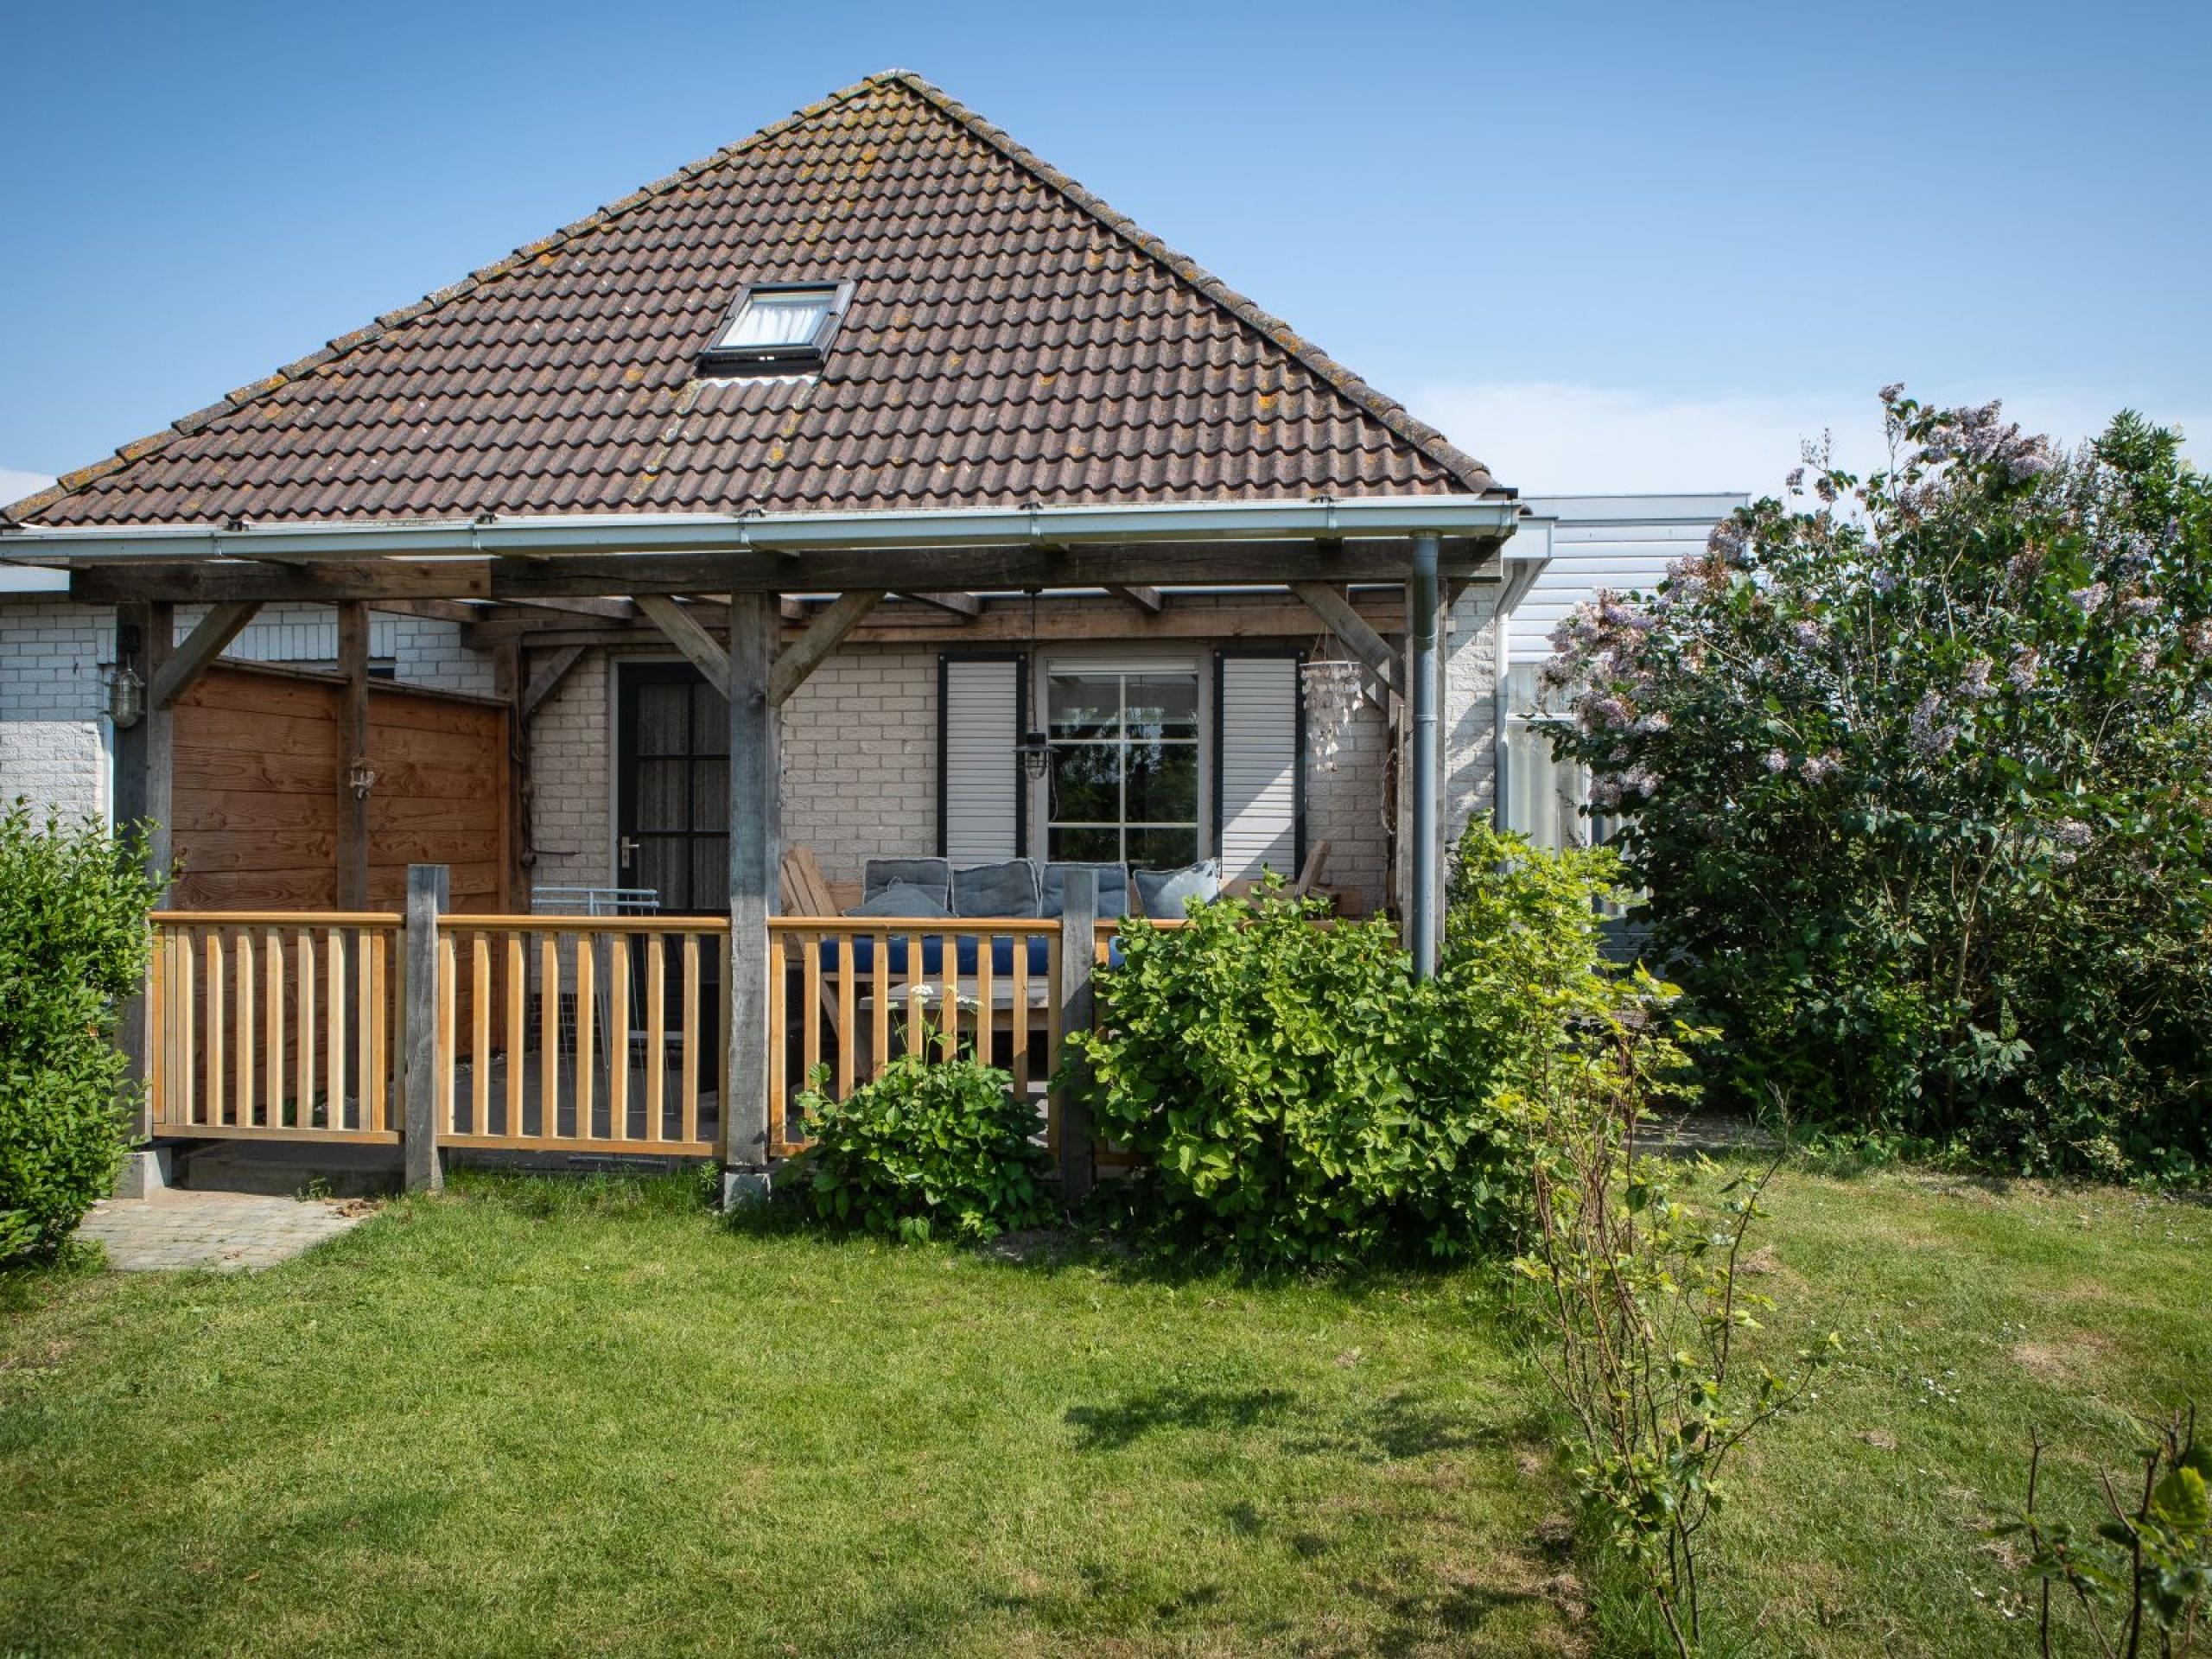 Appartement, nabij Den Burg, op unieke locatie aan natuurgebied.